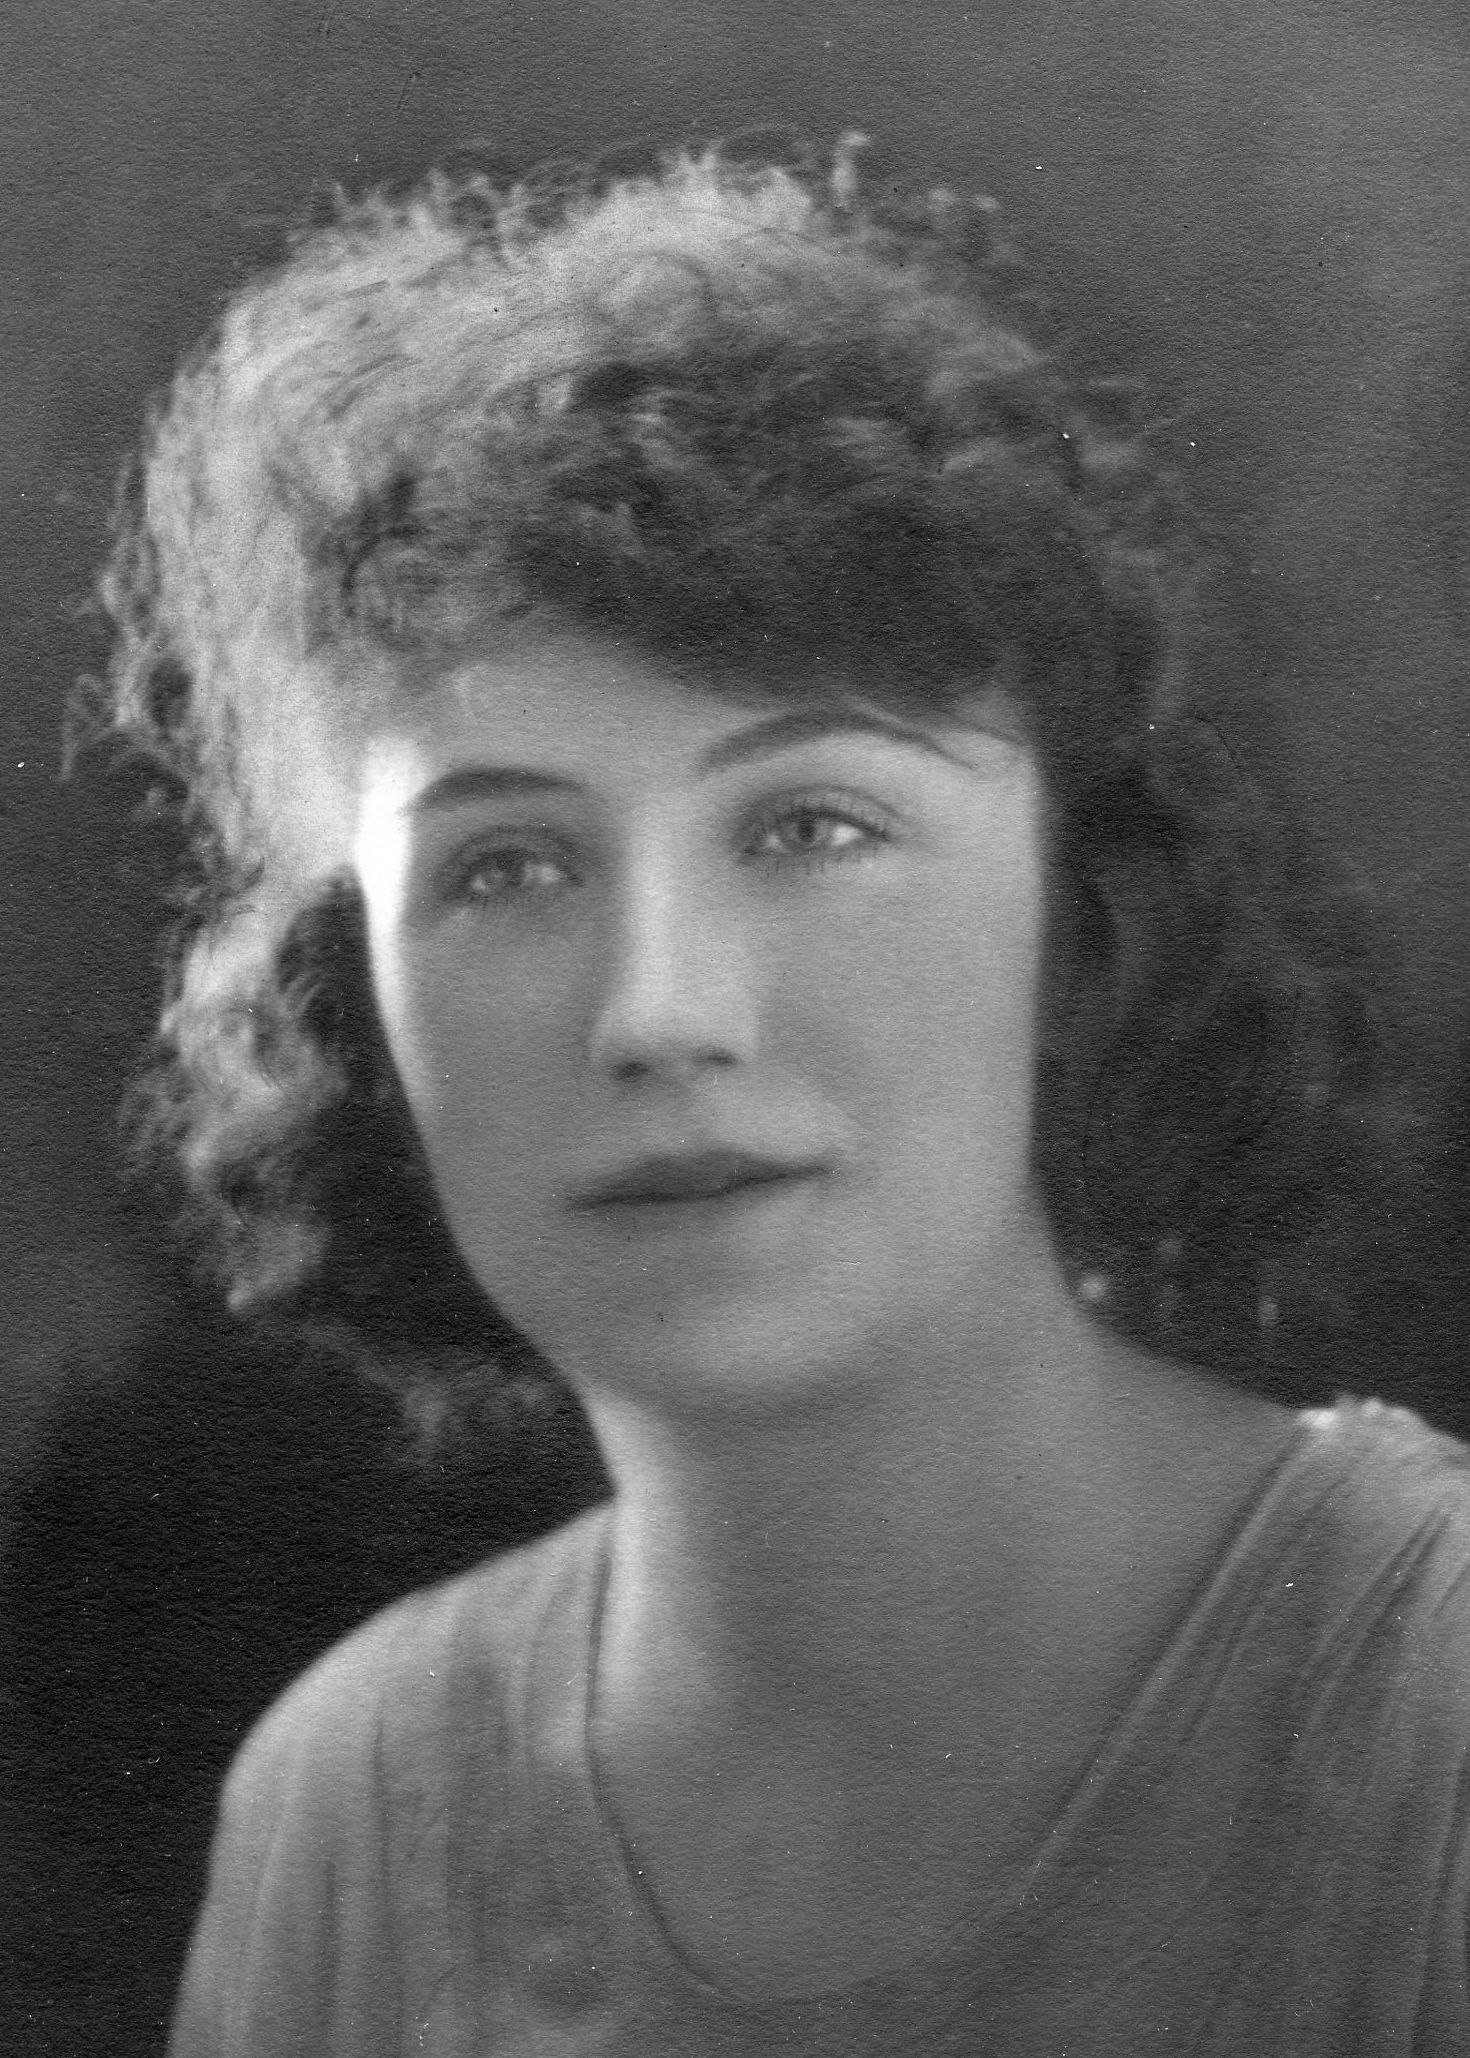 Anderson, Eliza Mae